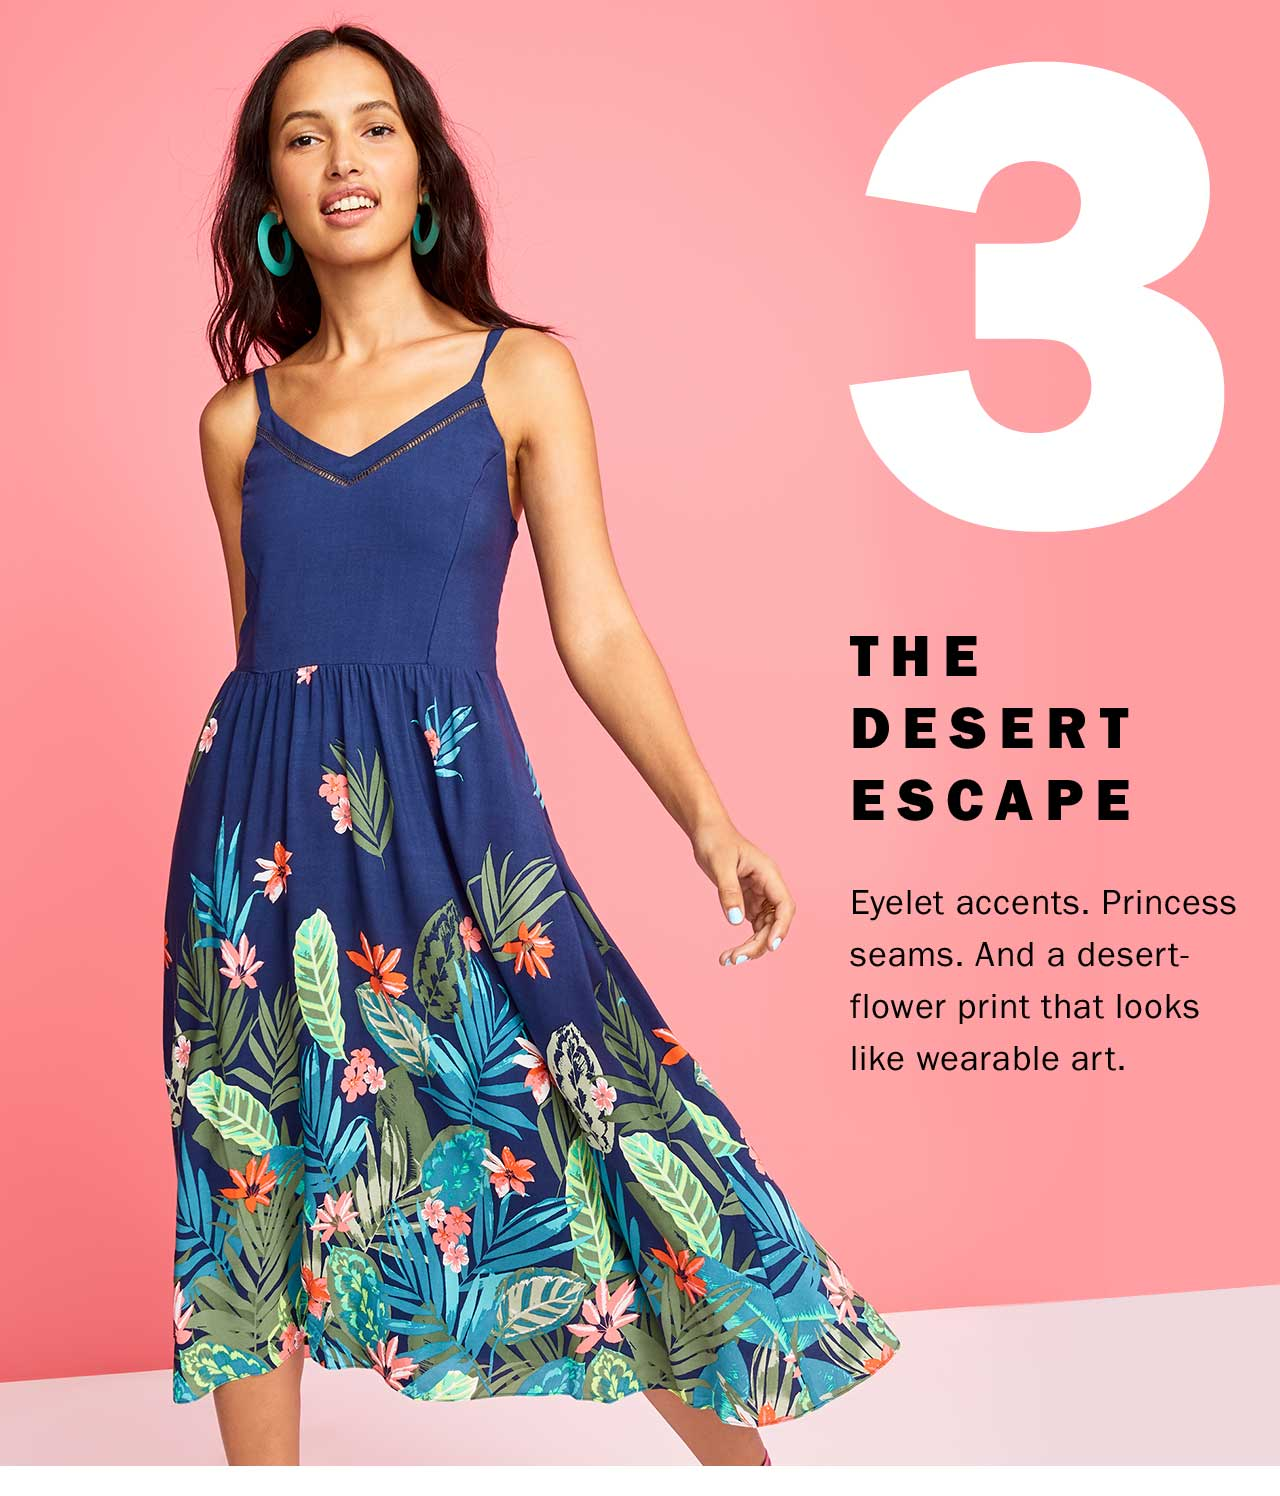 3 THE DESERT ESCAPE